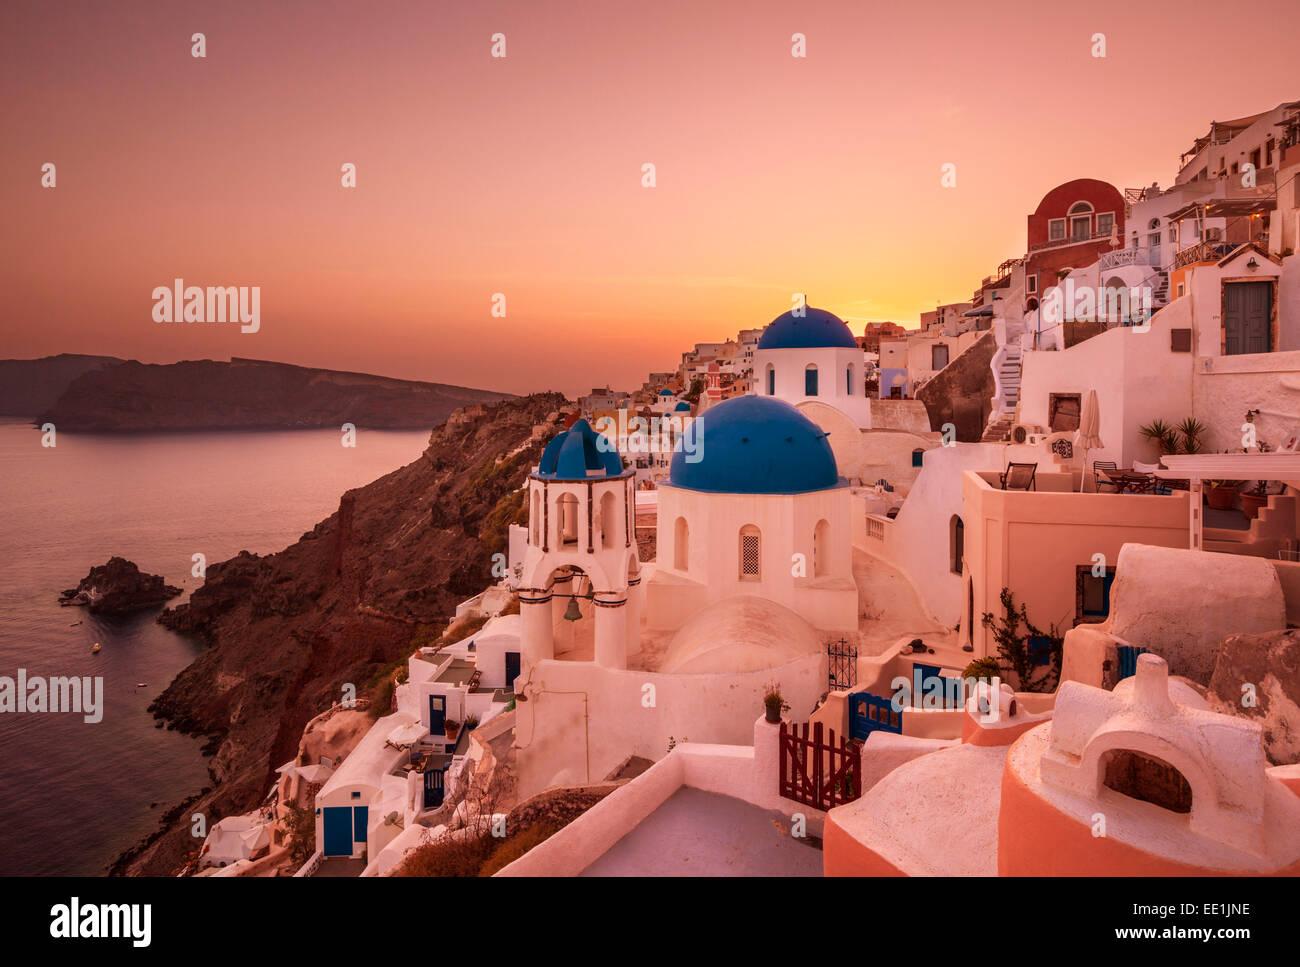 Griechische Kirche mit drei blauen Kuppeln bei Sonnenuntergang, Oia, Santorini (Thira), Kykladen, griechische Inseln, Stockbild